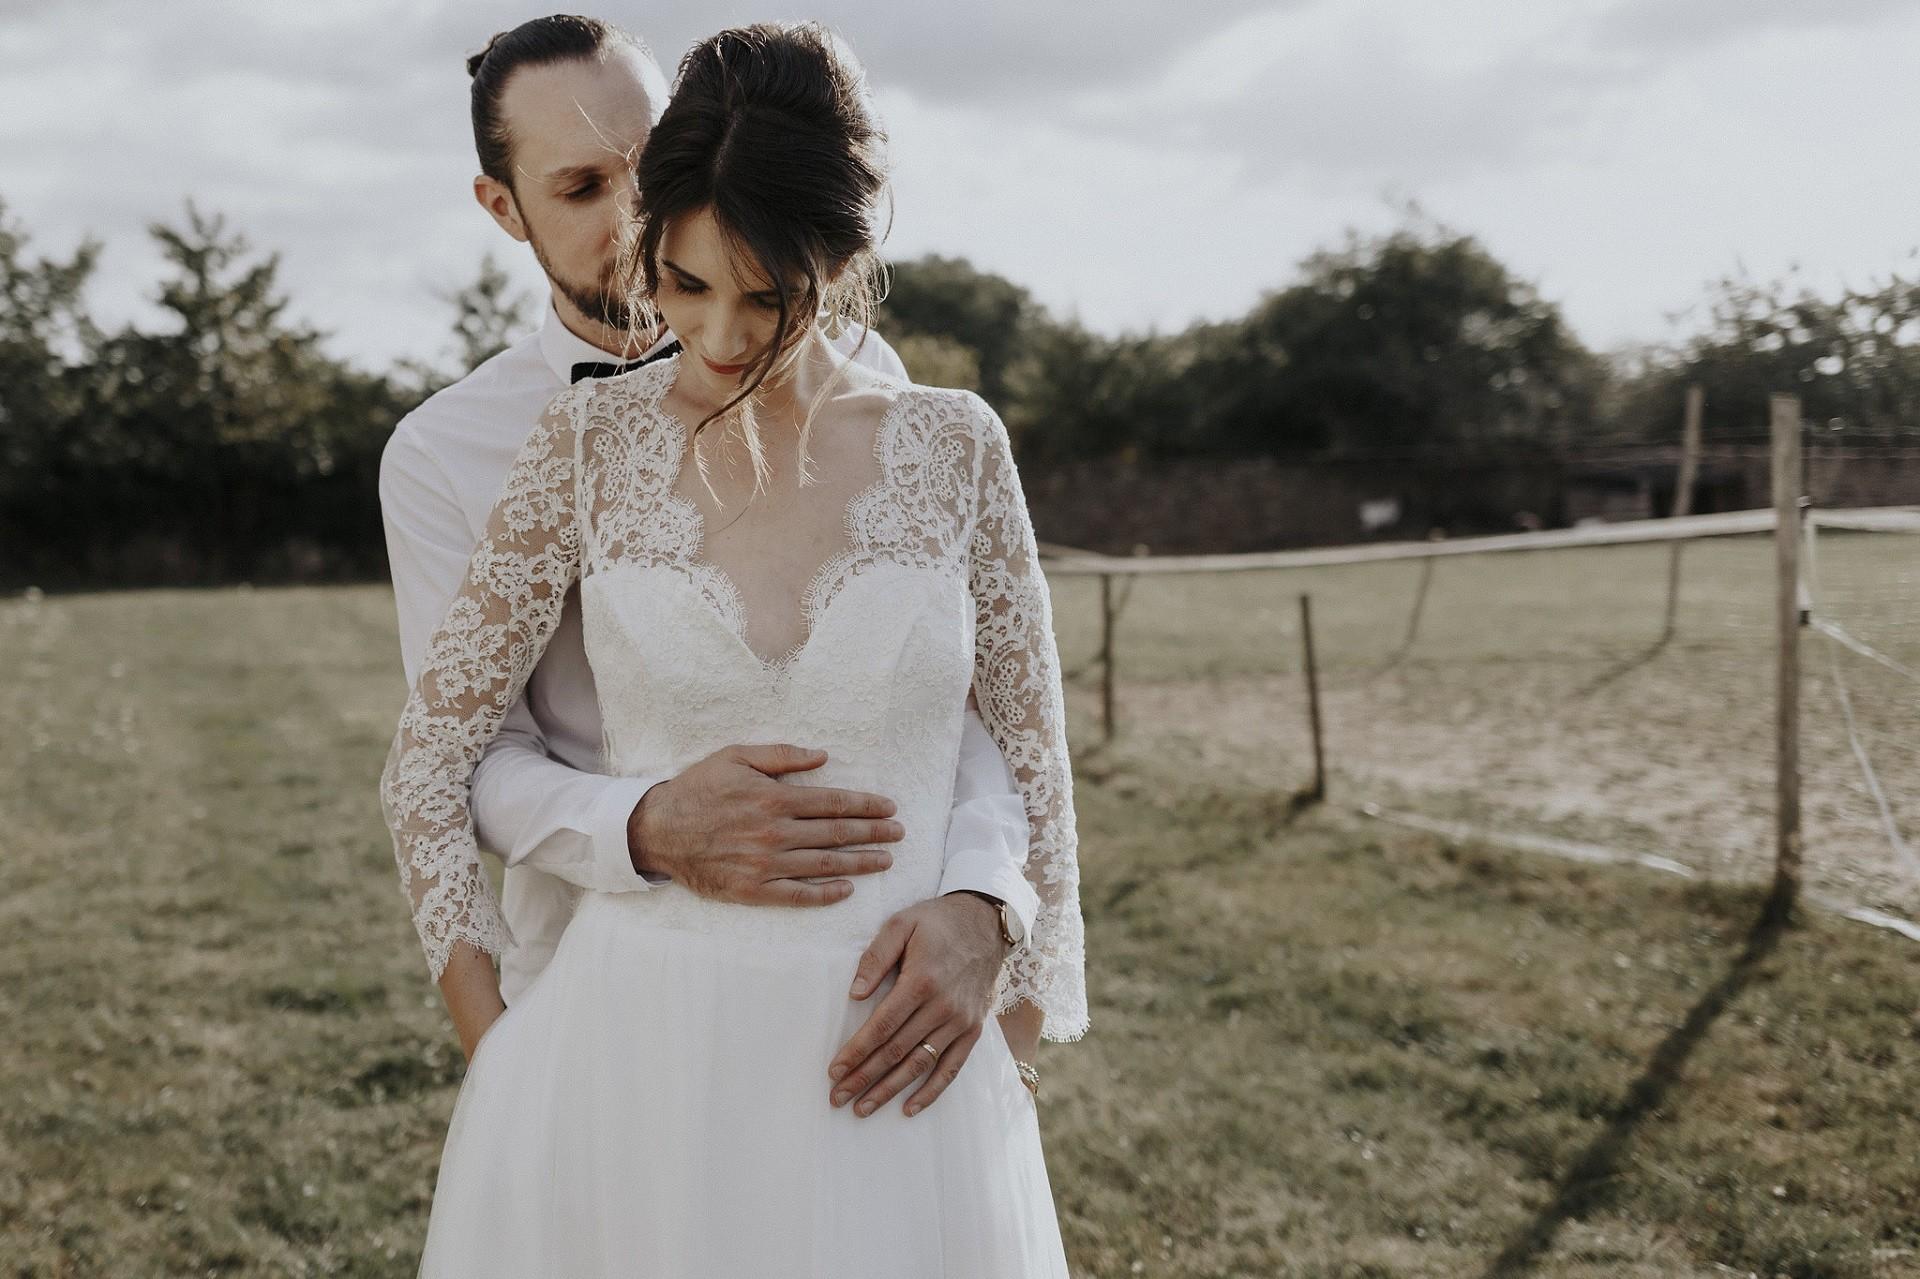 une robe de mariée sur mesure est elle plus cher qu'une robe achetée en boutique